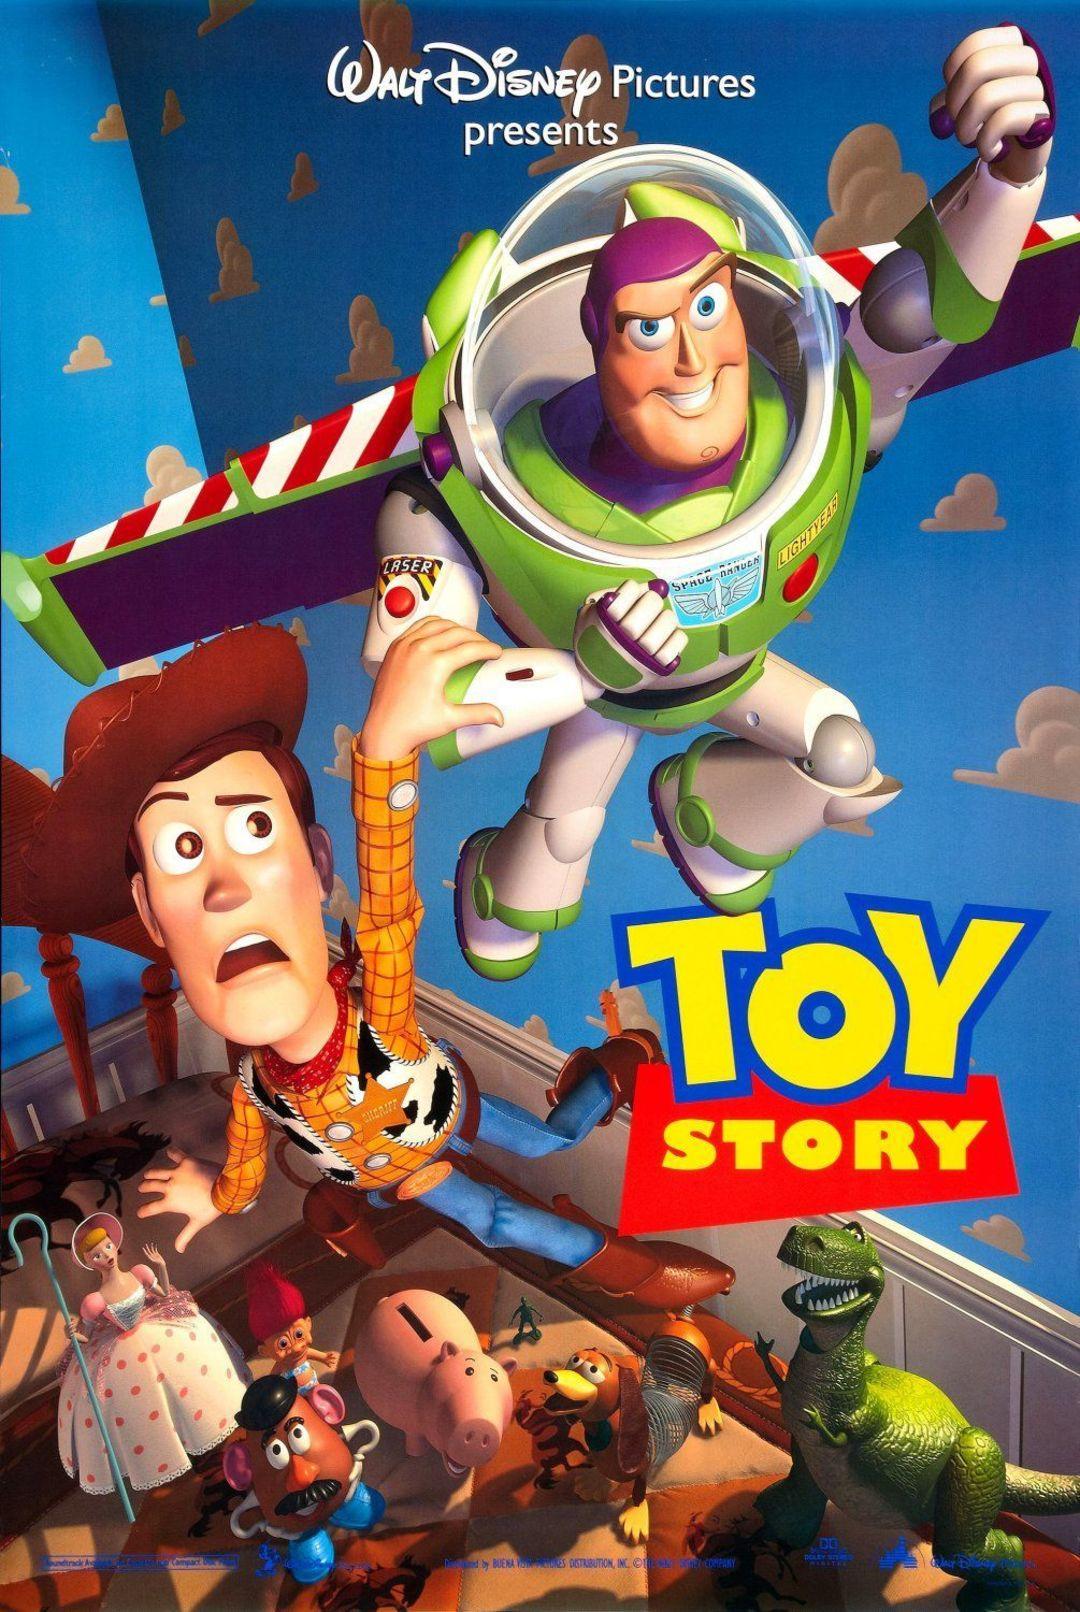 《玩具总动员》上映 20 周年,它是如何改变了电影的历史?| 好奇心商业史_娱乐_好奇心日报